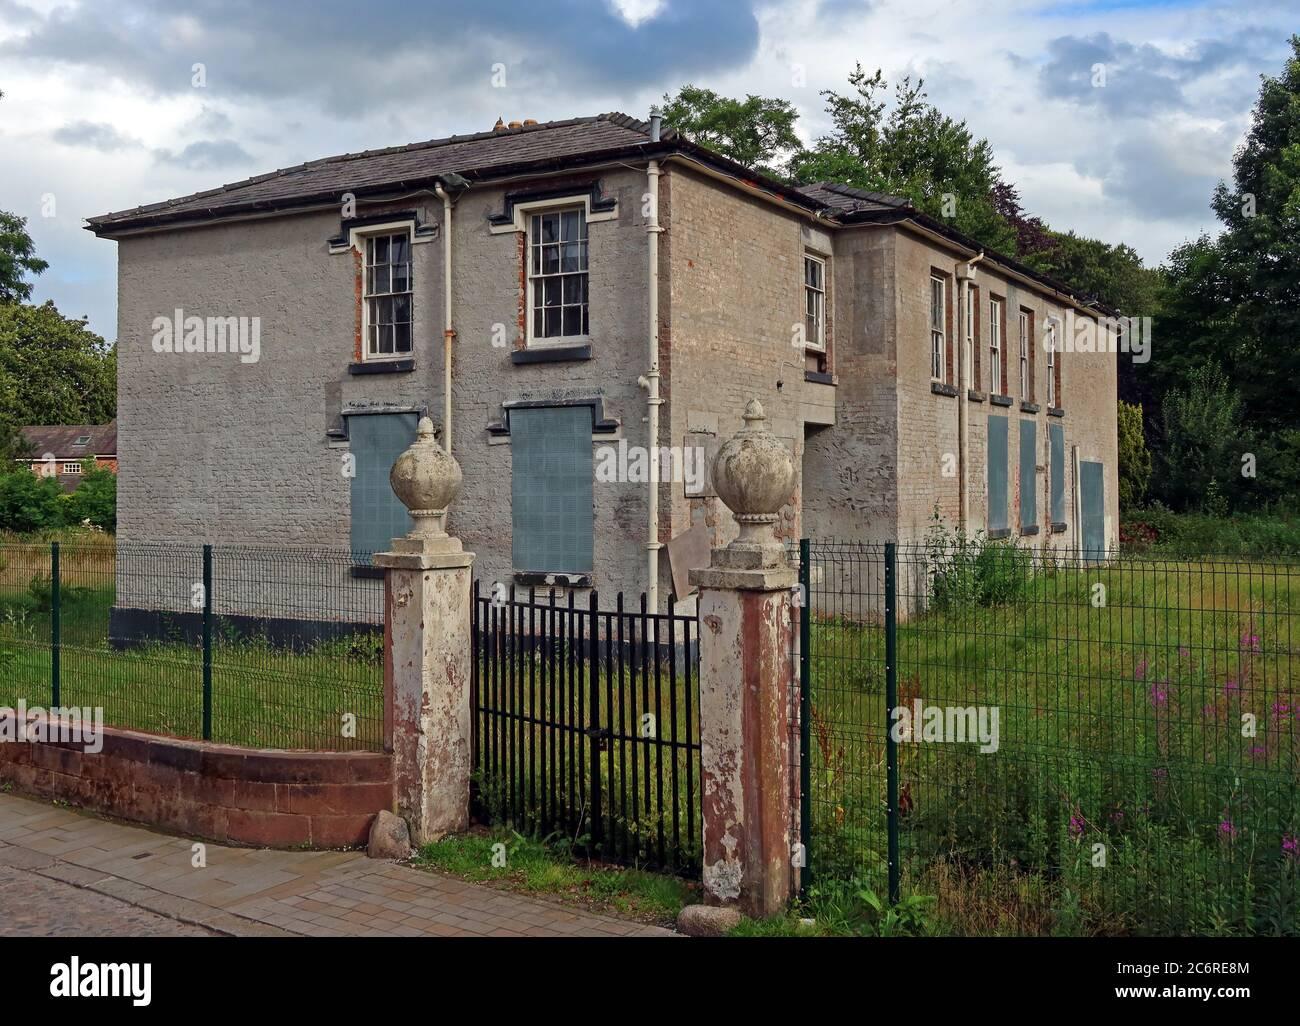 Dieses Stockfoto: Grappenhall-Augenanlage, Gebäude für 25 Jahre leer gelassen, Pfarrhaus, auf Church Lane, Warrington, Cheshire, England, Großbritannien - 2C6RE8